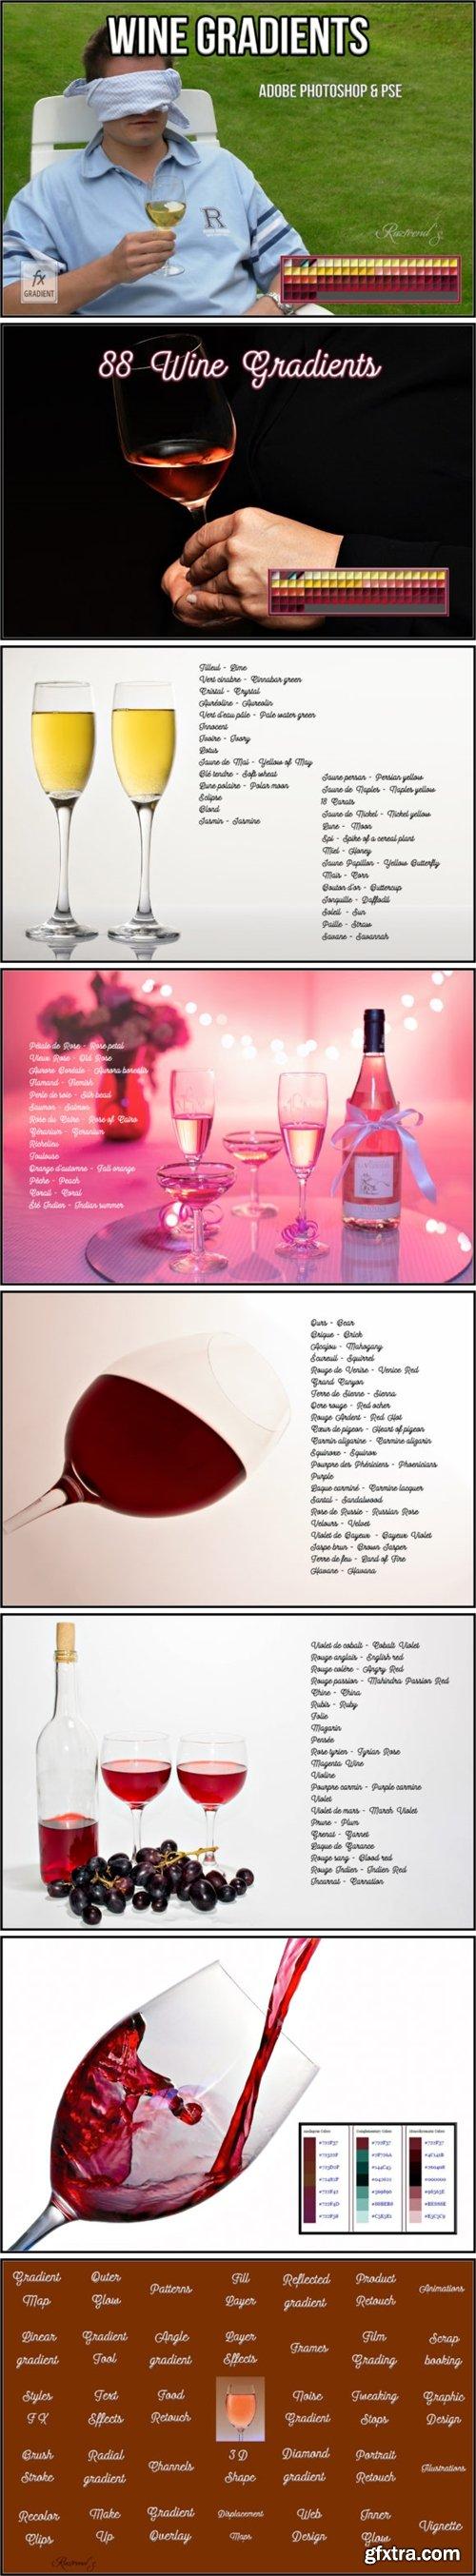 CM - Wine Gradients 4236407